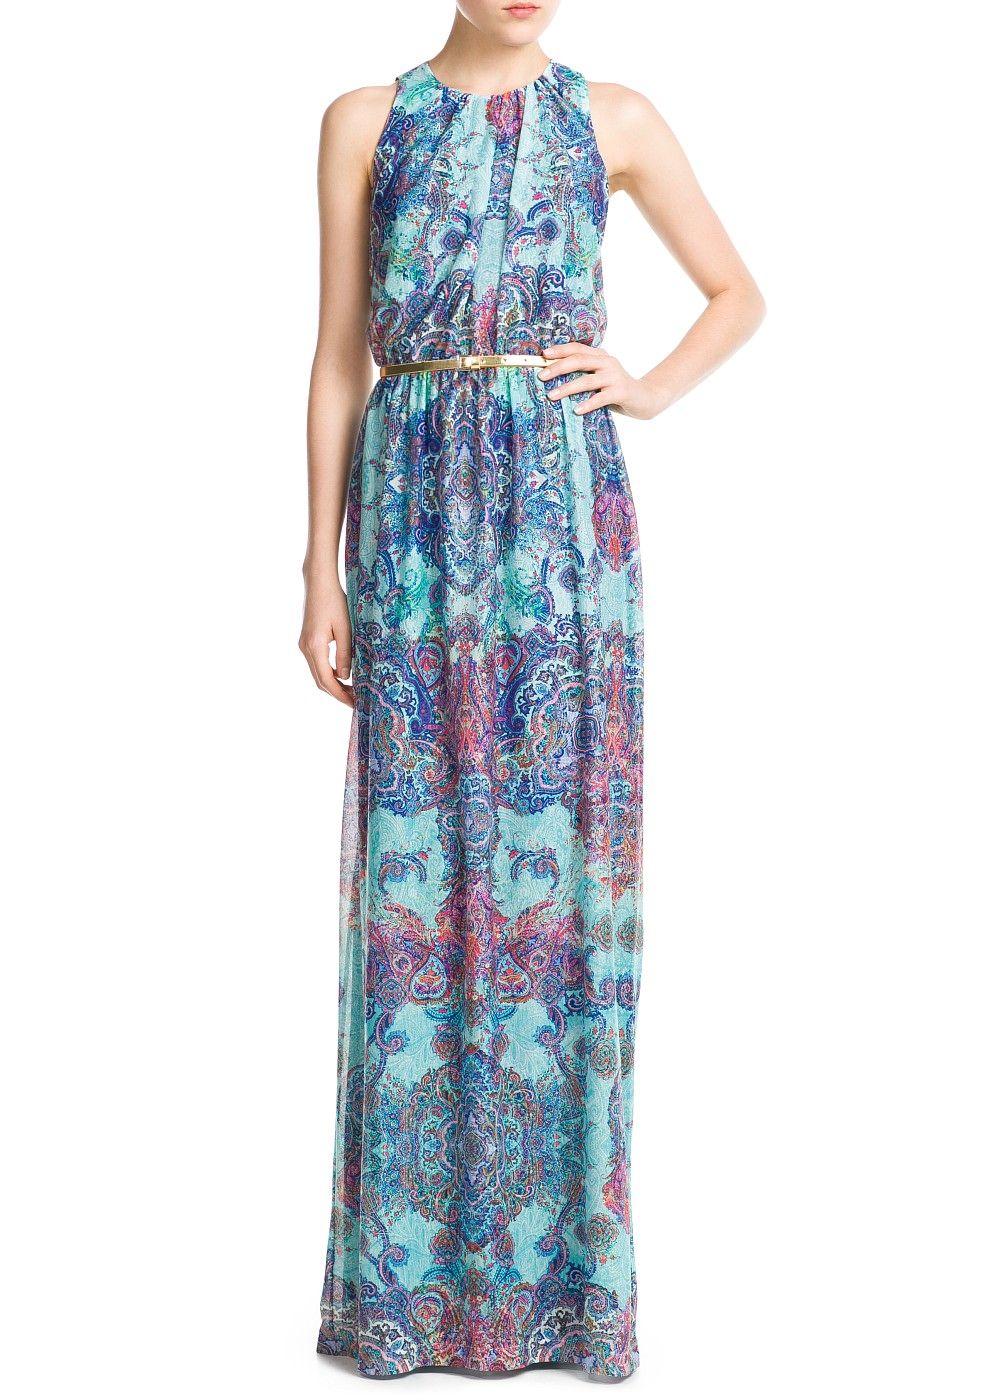 Nice dress for attending a beach wedding | Elitos\' | Pinterest ...